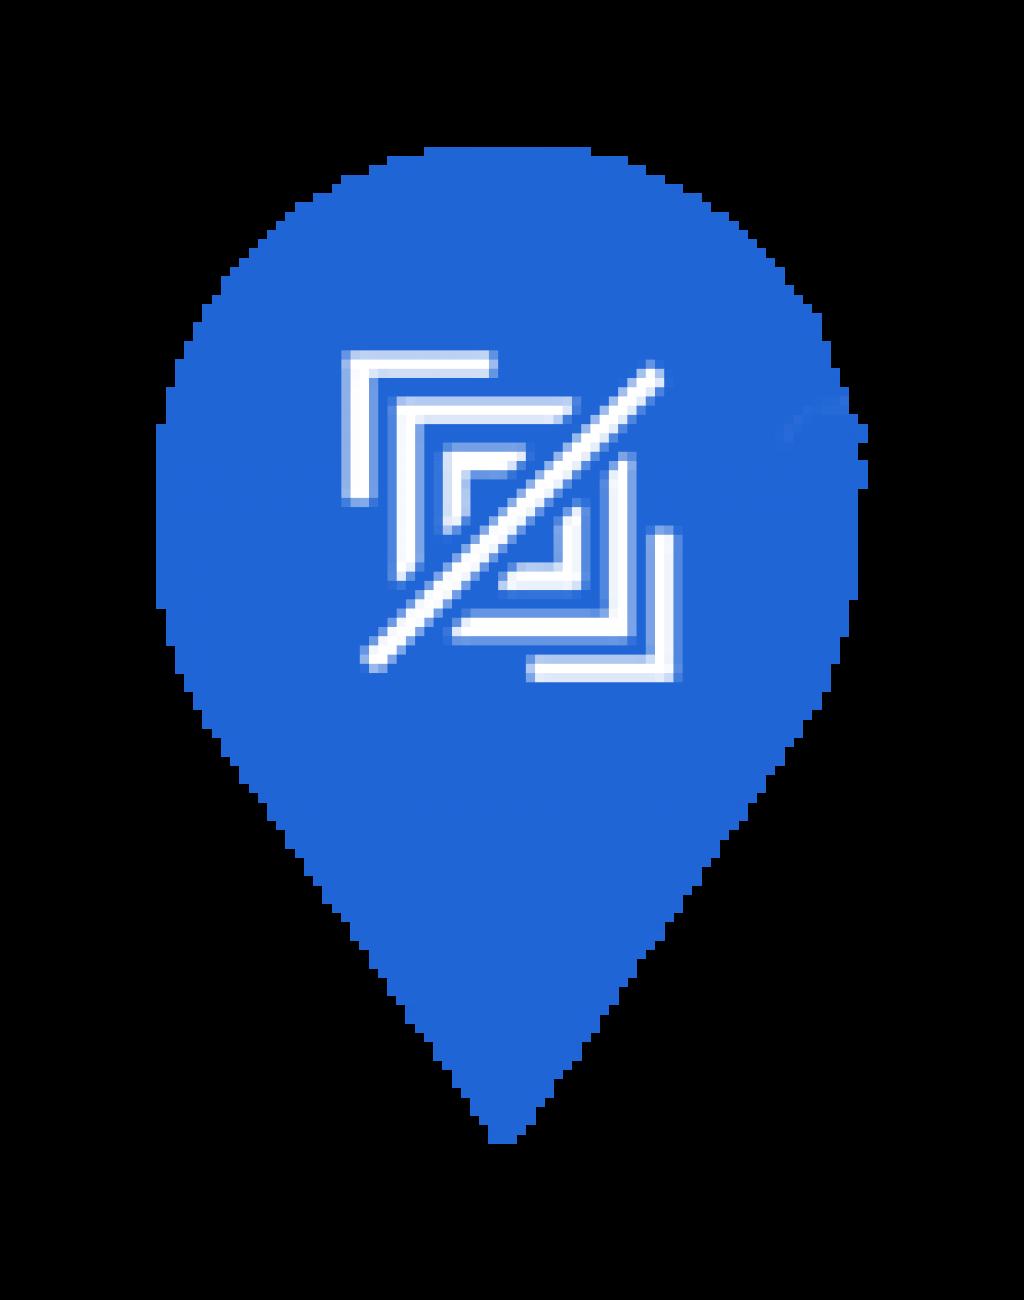 logo_craftex_location-1_c5d4cf0435a460c745f8239bb370df7a